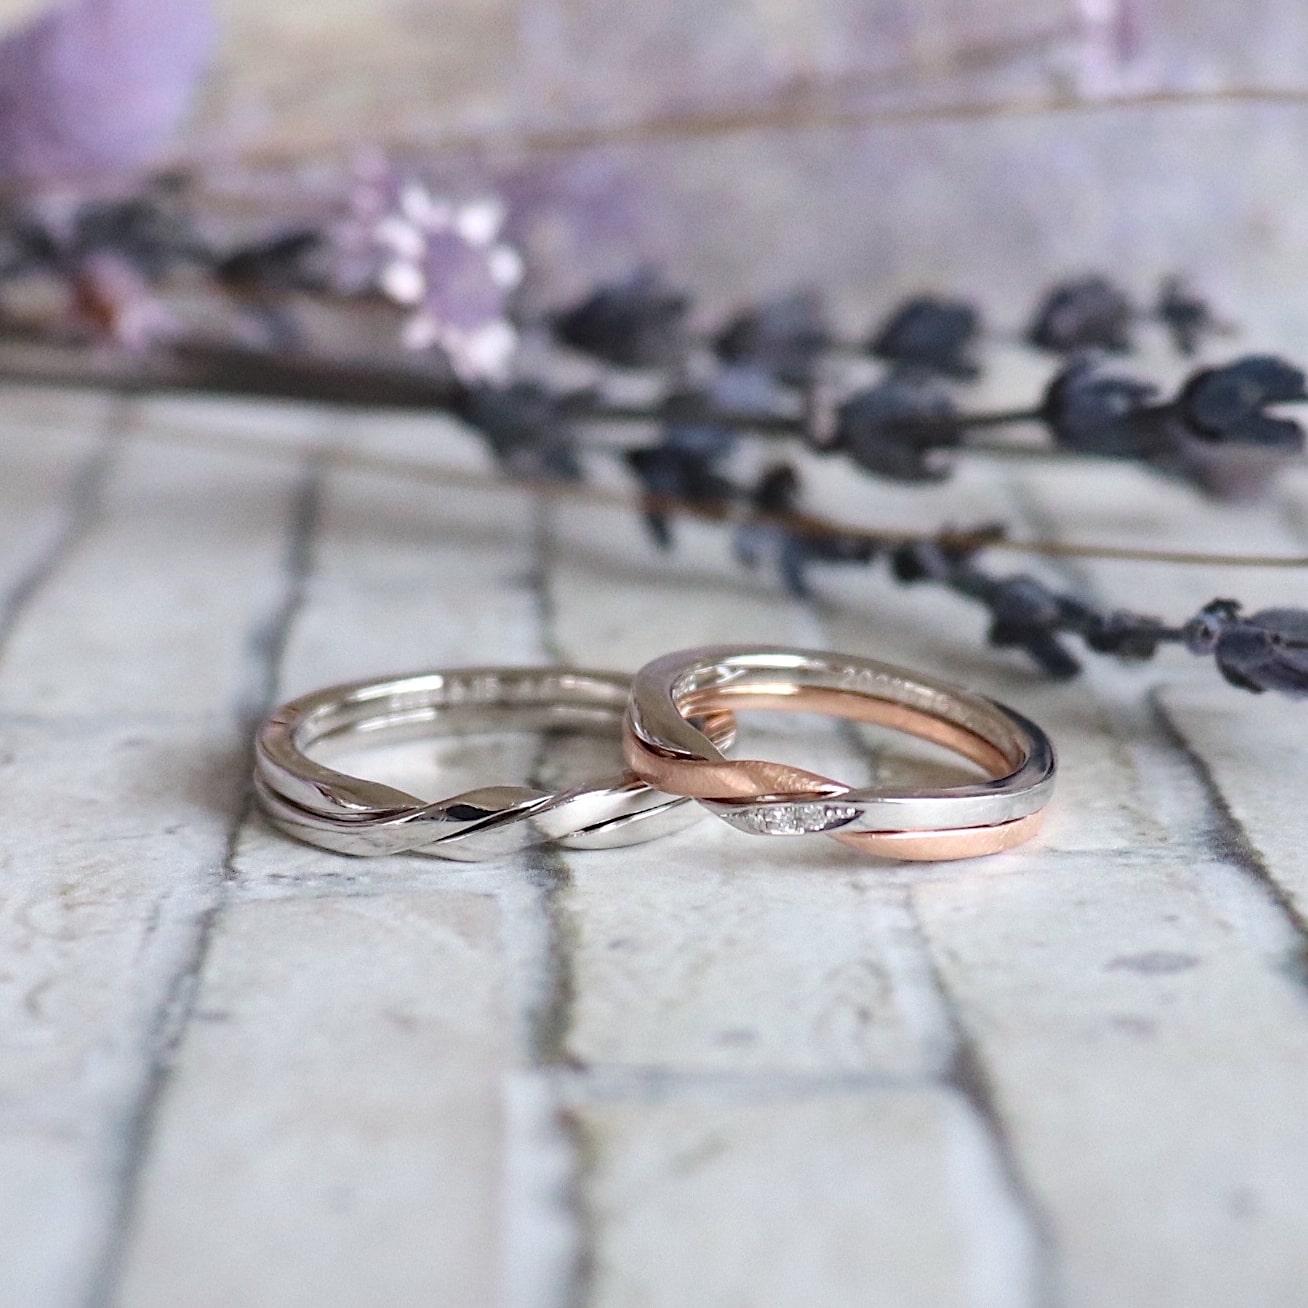 ダイヤモンドをしらったギメルリングの結婚指輪